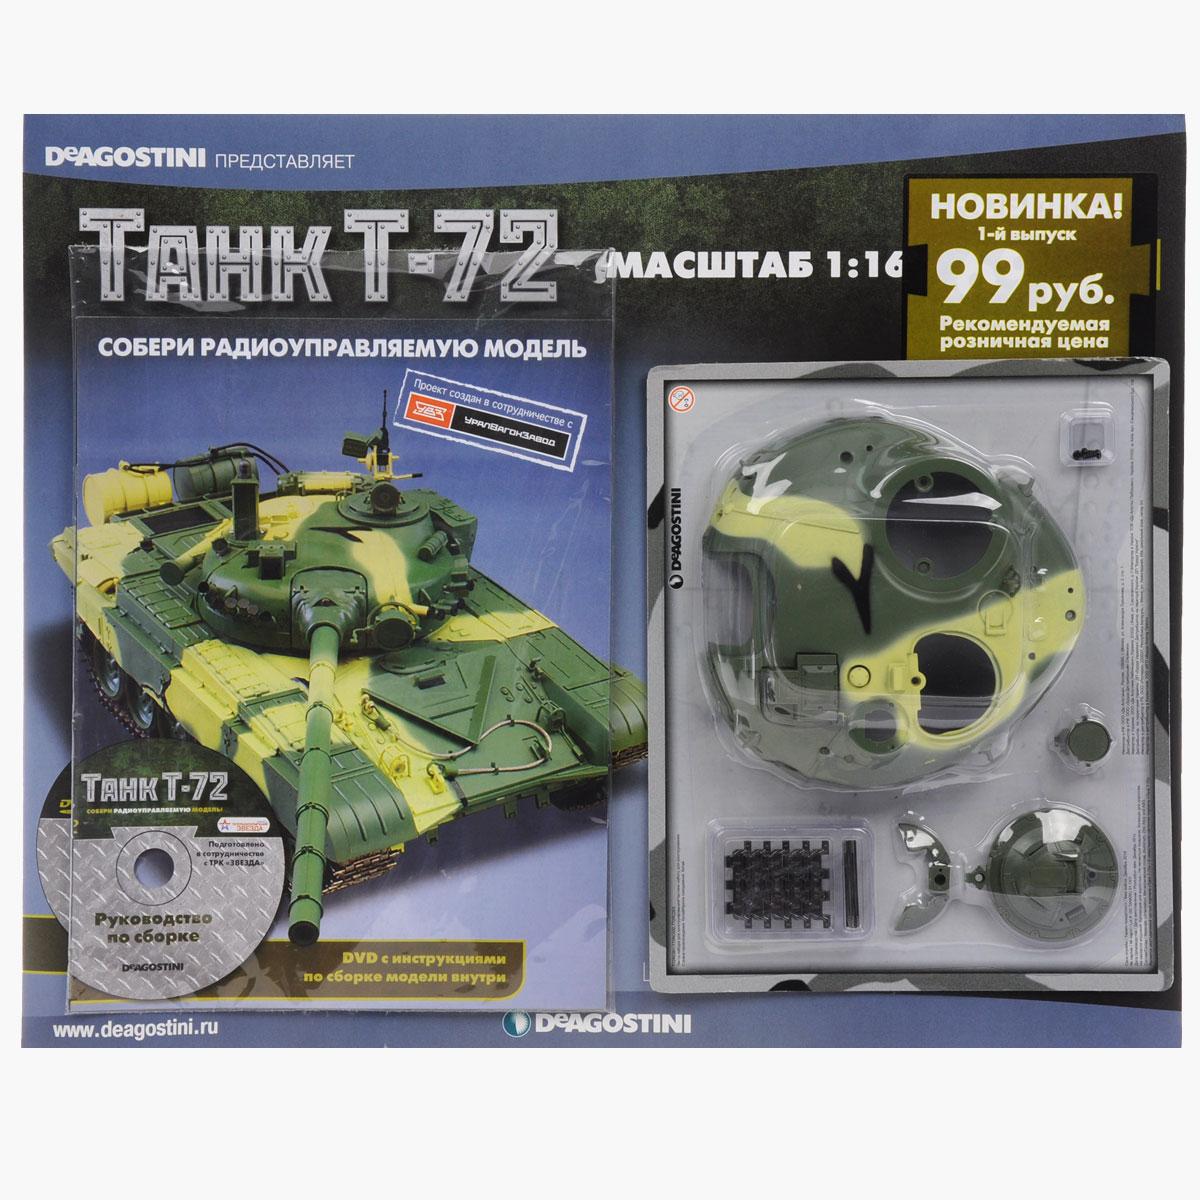 Журнал Танк Т-72 №001TRC001Издательский дом DeAgostini выпустил уникальную серию партворков Танк Т-72 с увлекательной информацией о легендарных боевых машинах и элементами для сборки радиоуправляемой копии танка Т-72 в уменьшенном варианте 1:16. У вас есть возможность собственноручно создать высококачественную модель этого знаменитого танка с достоверным воспроизведением всех элементов, сохранением функций подлинной боевой машины и дистанционным управлением. Получите удовольствие от пошаговой сборки этой замечательной модели с журнальной серией Танк Т-72 компании ДеАгостини! Категория 16+.